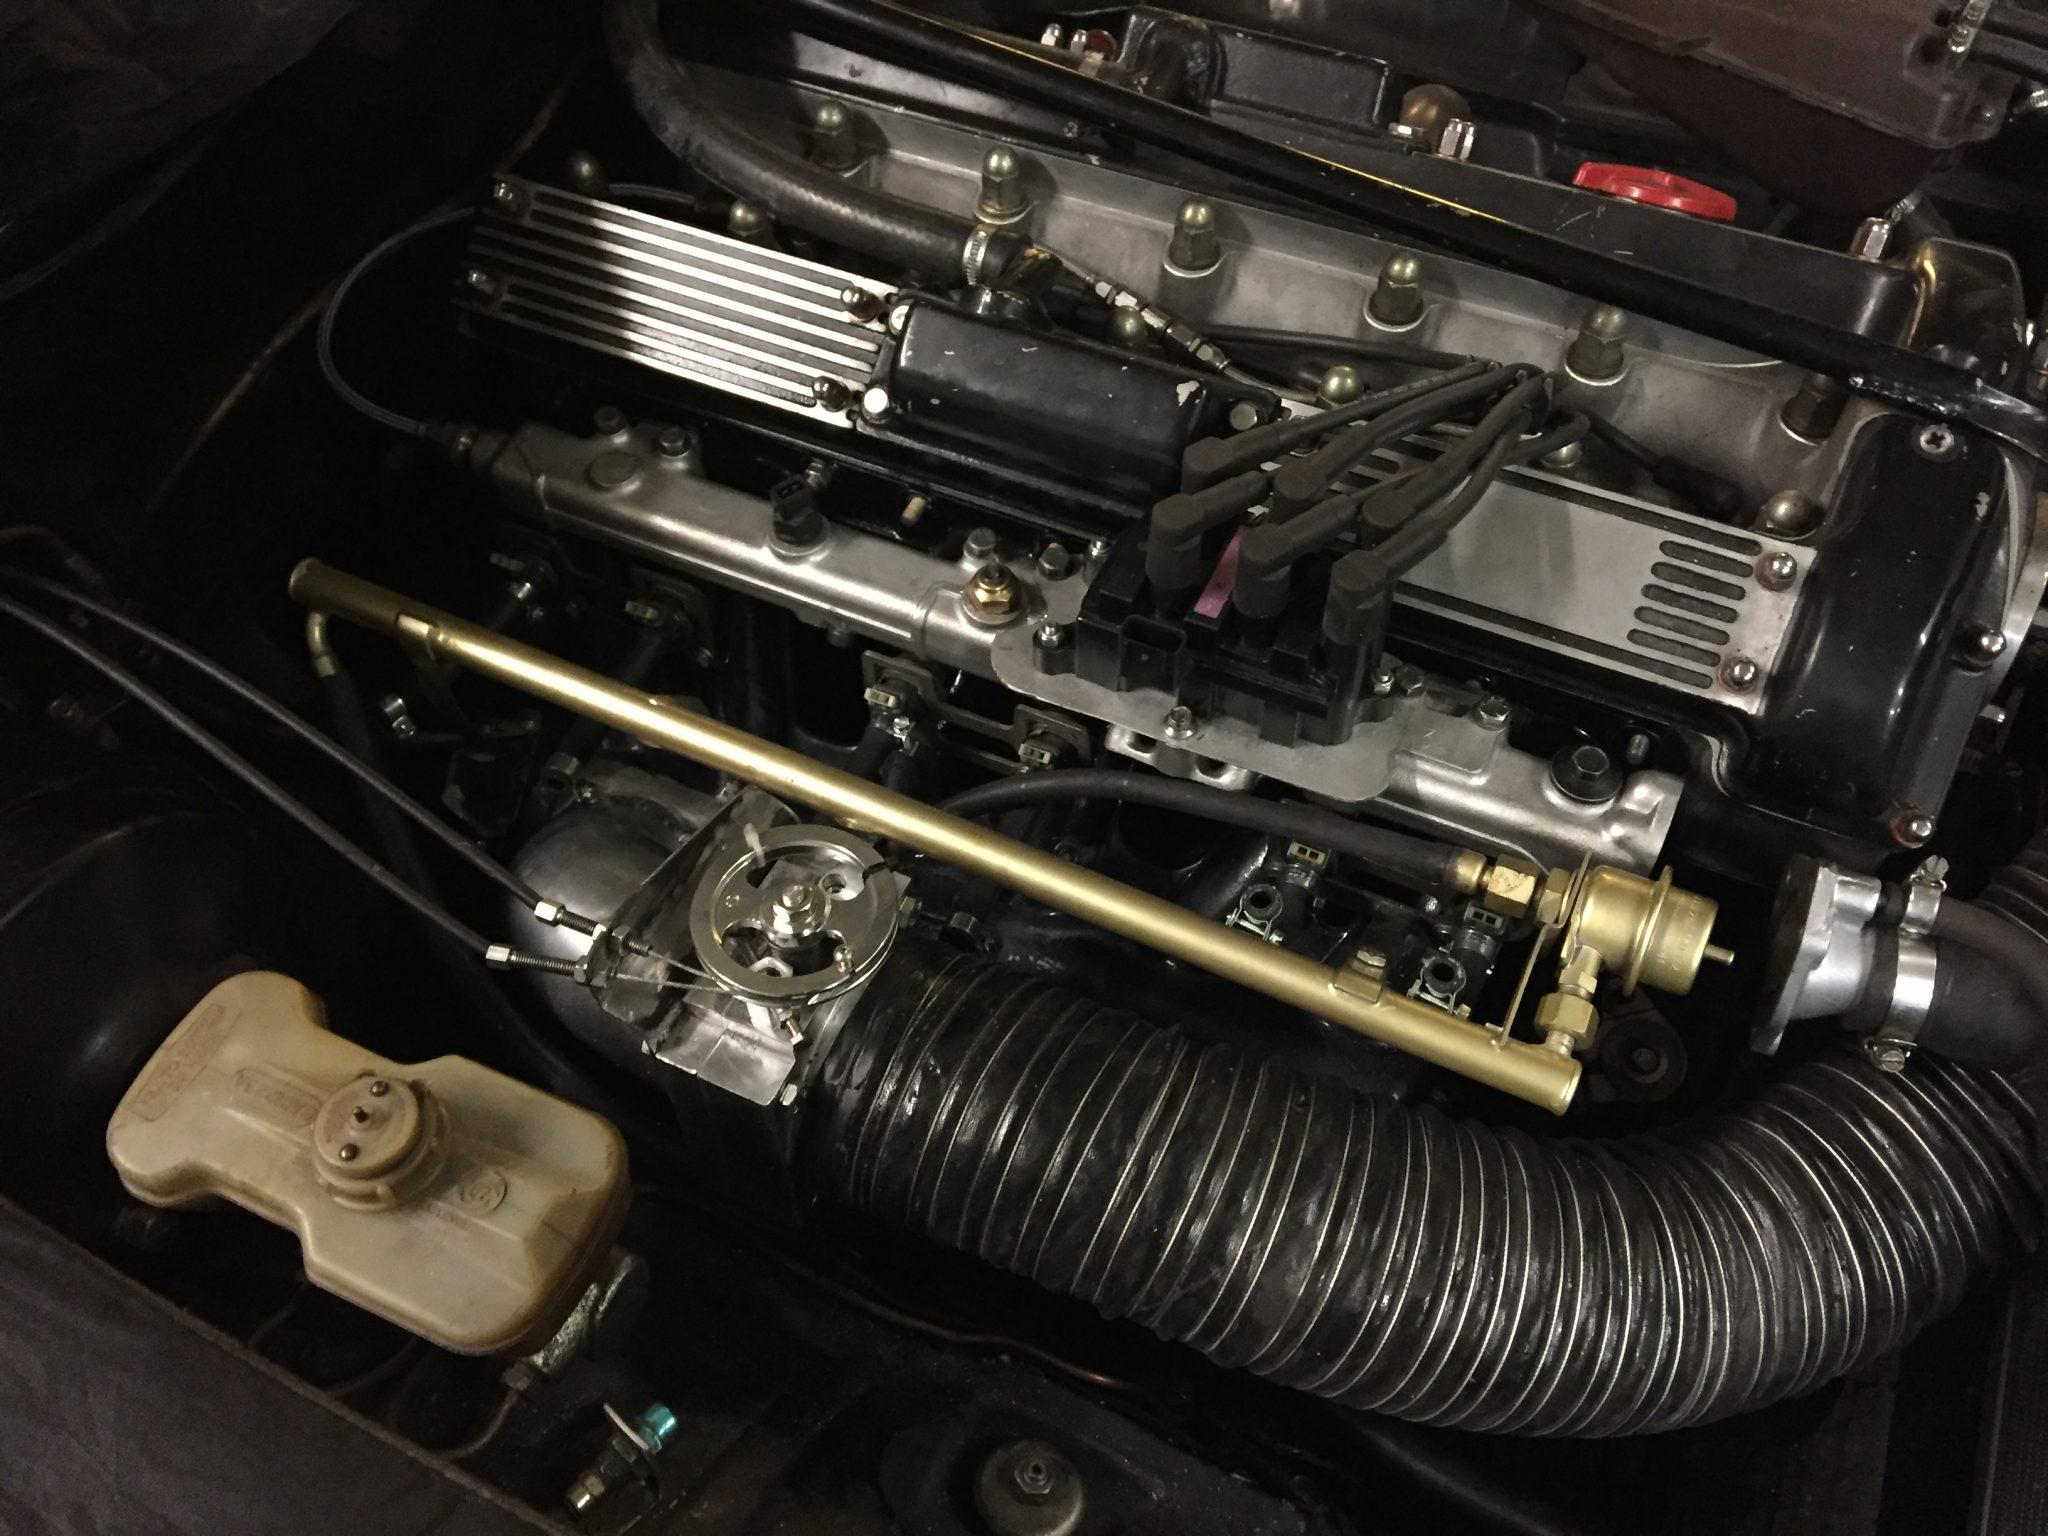 Classic Jaguar Engine Rebuilding